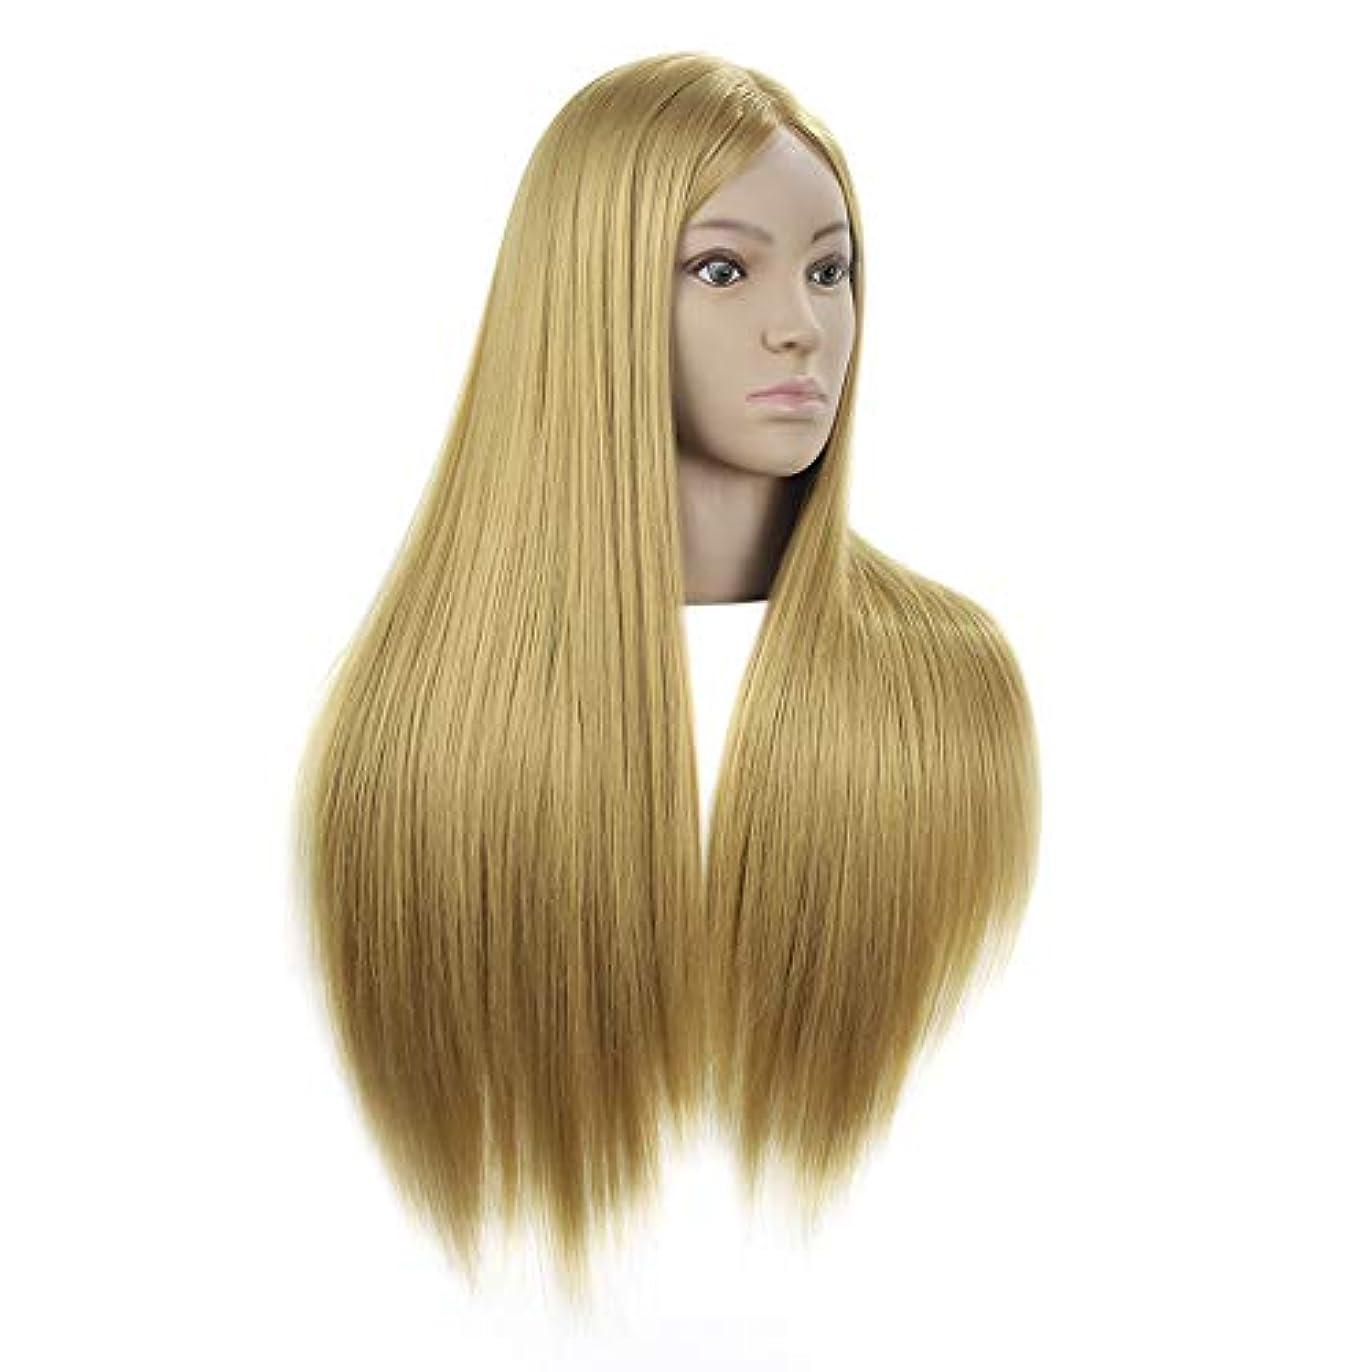 カイウス架空のするリアルヘアスタイリングマネキンヘッド女性ヘッドモデル教育ヘッド理髪店編組ヘア染色学習ダミーヘッド